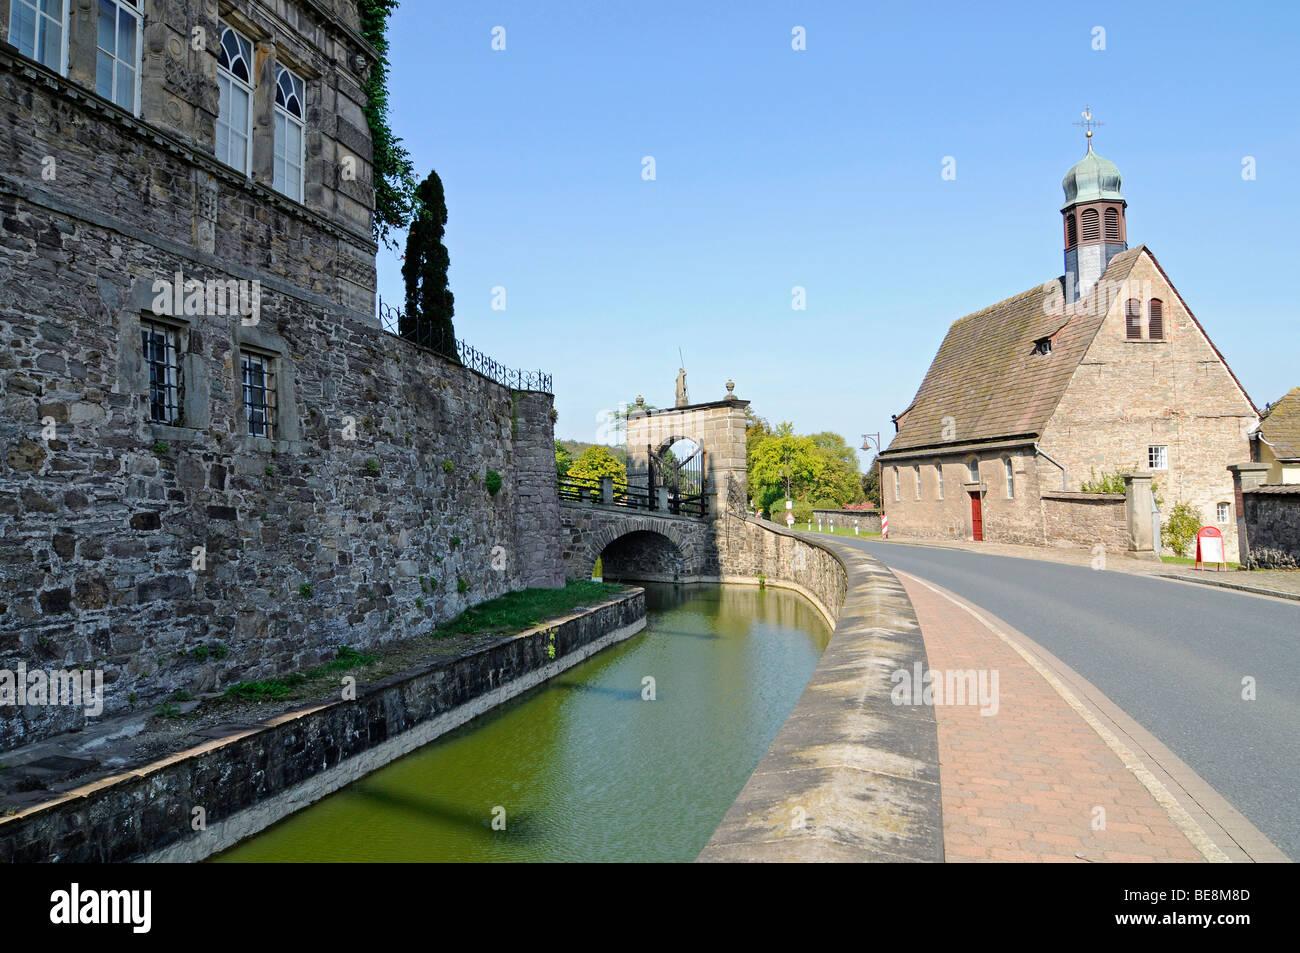 Chapelle, Haemelschenburg, château Renaissance de la Weser, Bad Pyrmont, Hameln, Emmerthal, Basse-Saxe, Allemagne, Europe Banque D'Images